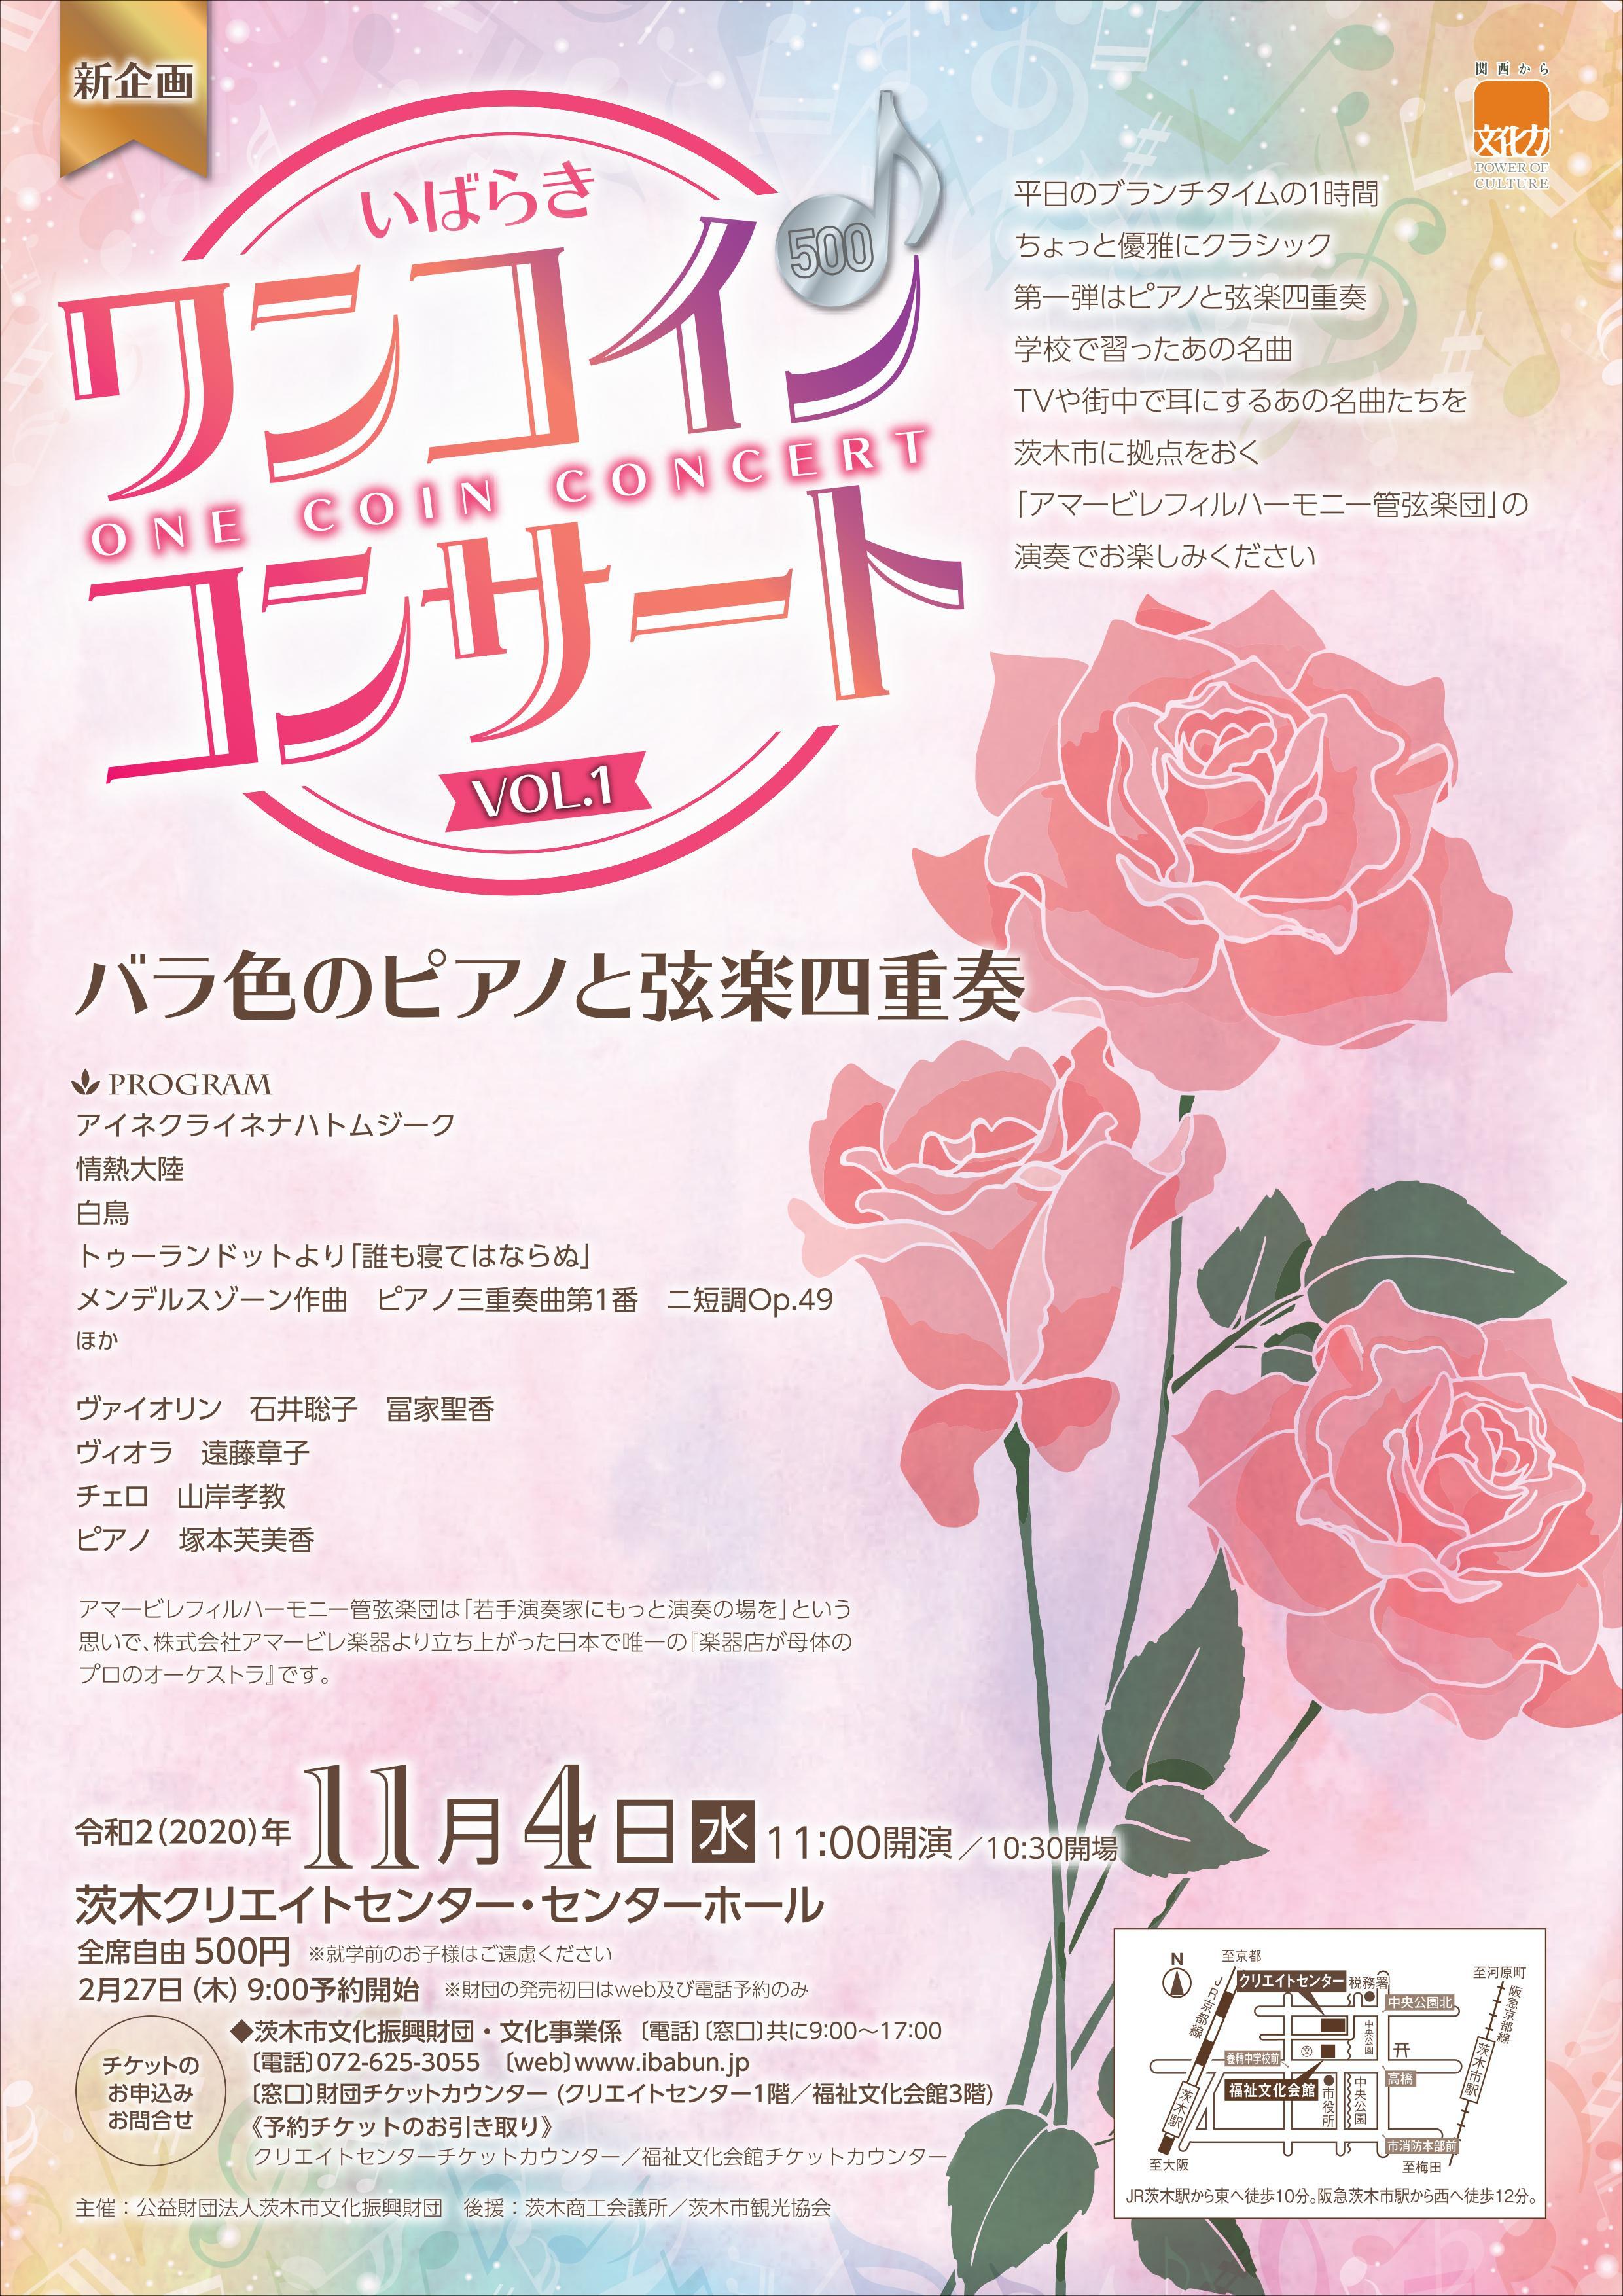 いばらきワンコインコンサートVol.1